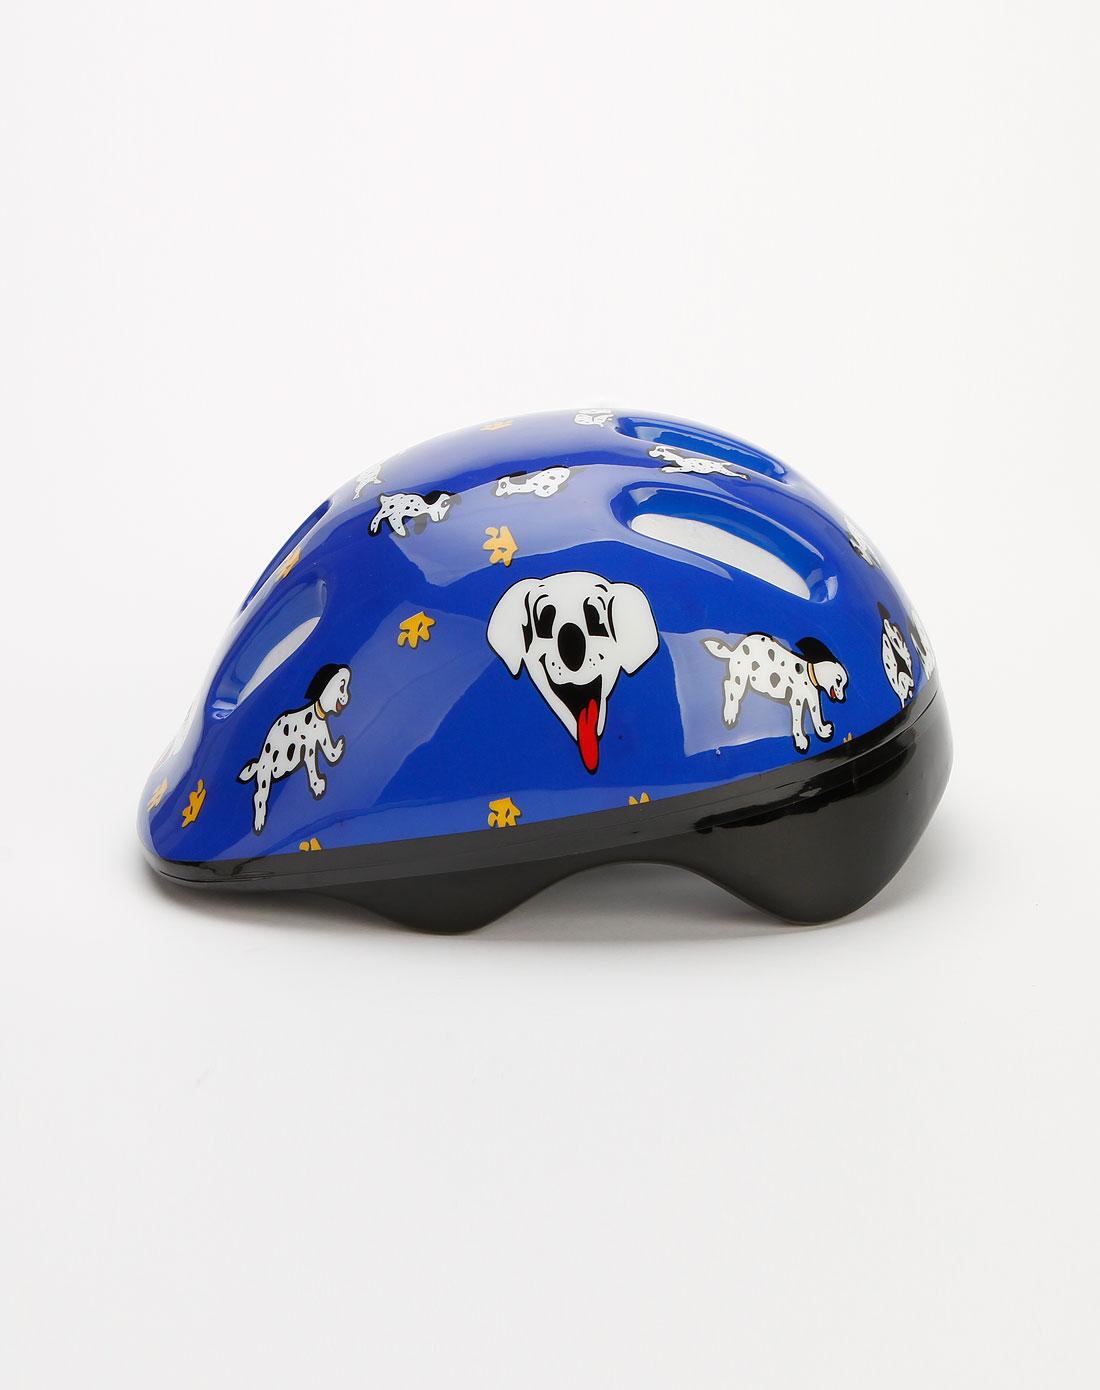 舒华运动器材专场蓝色儿童轮滑头盔